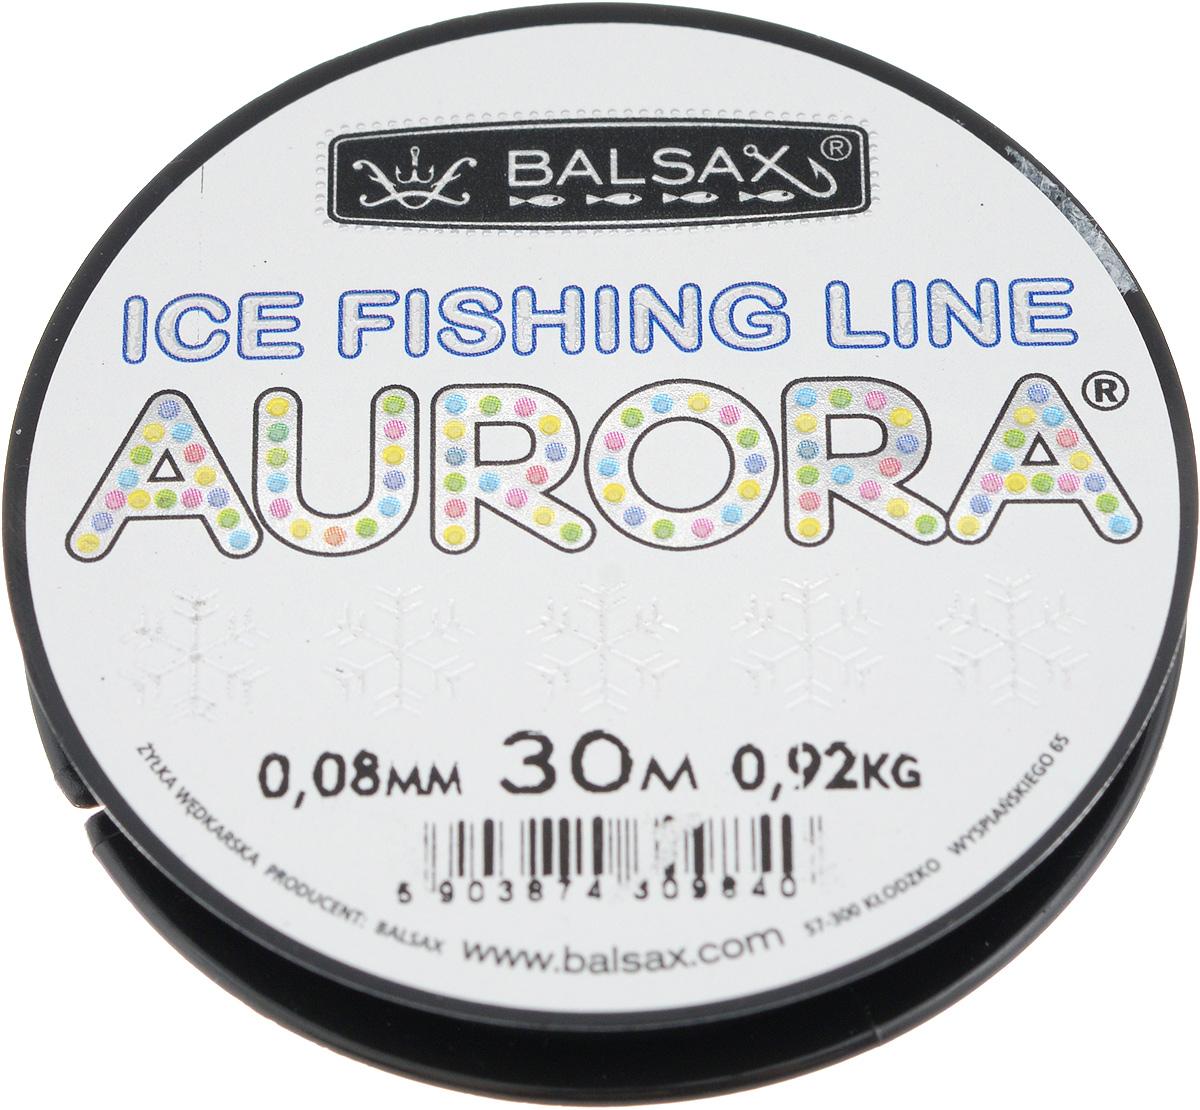 Леска зимняя Balsax Aurora, 30 м, 0,08 мм, 0,92 кг310-04008Леска Balsax Aurora изготовлена из 100% нейлона и очень хорошо выдерживает низкие температуры. Даже в самом холодном климате, при температуре вплоть до -40°C, она сохраняет свои свойства практически без изменений, в то время как традиционные лески становятся менее эластичными и теряют прочность. Поверхность лески обработана таким образом, что она не обмерзает и отлично подходит для подледного лова. Прочна в местах вязки узлов даже при минимальном диаметре.